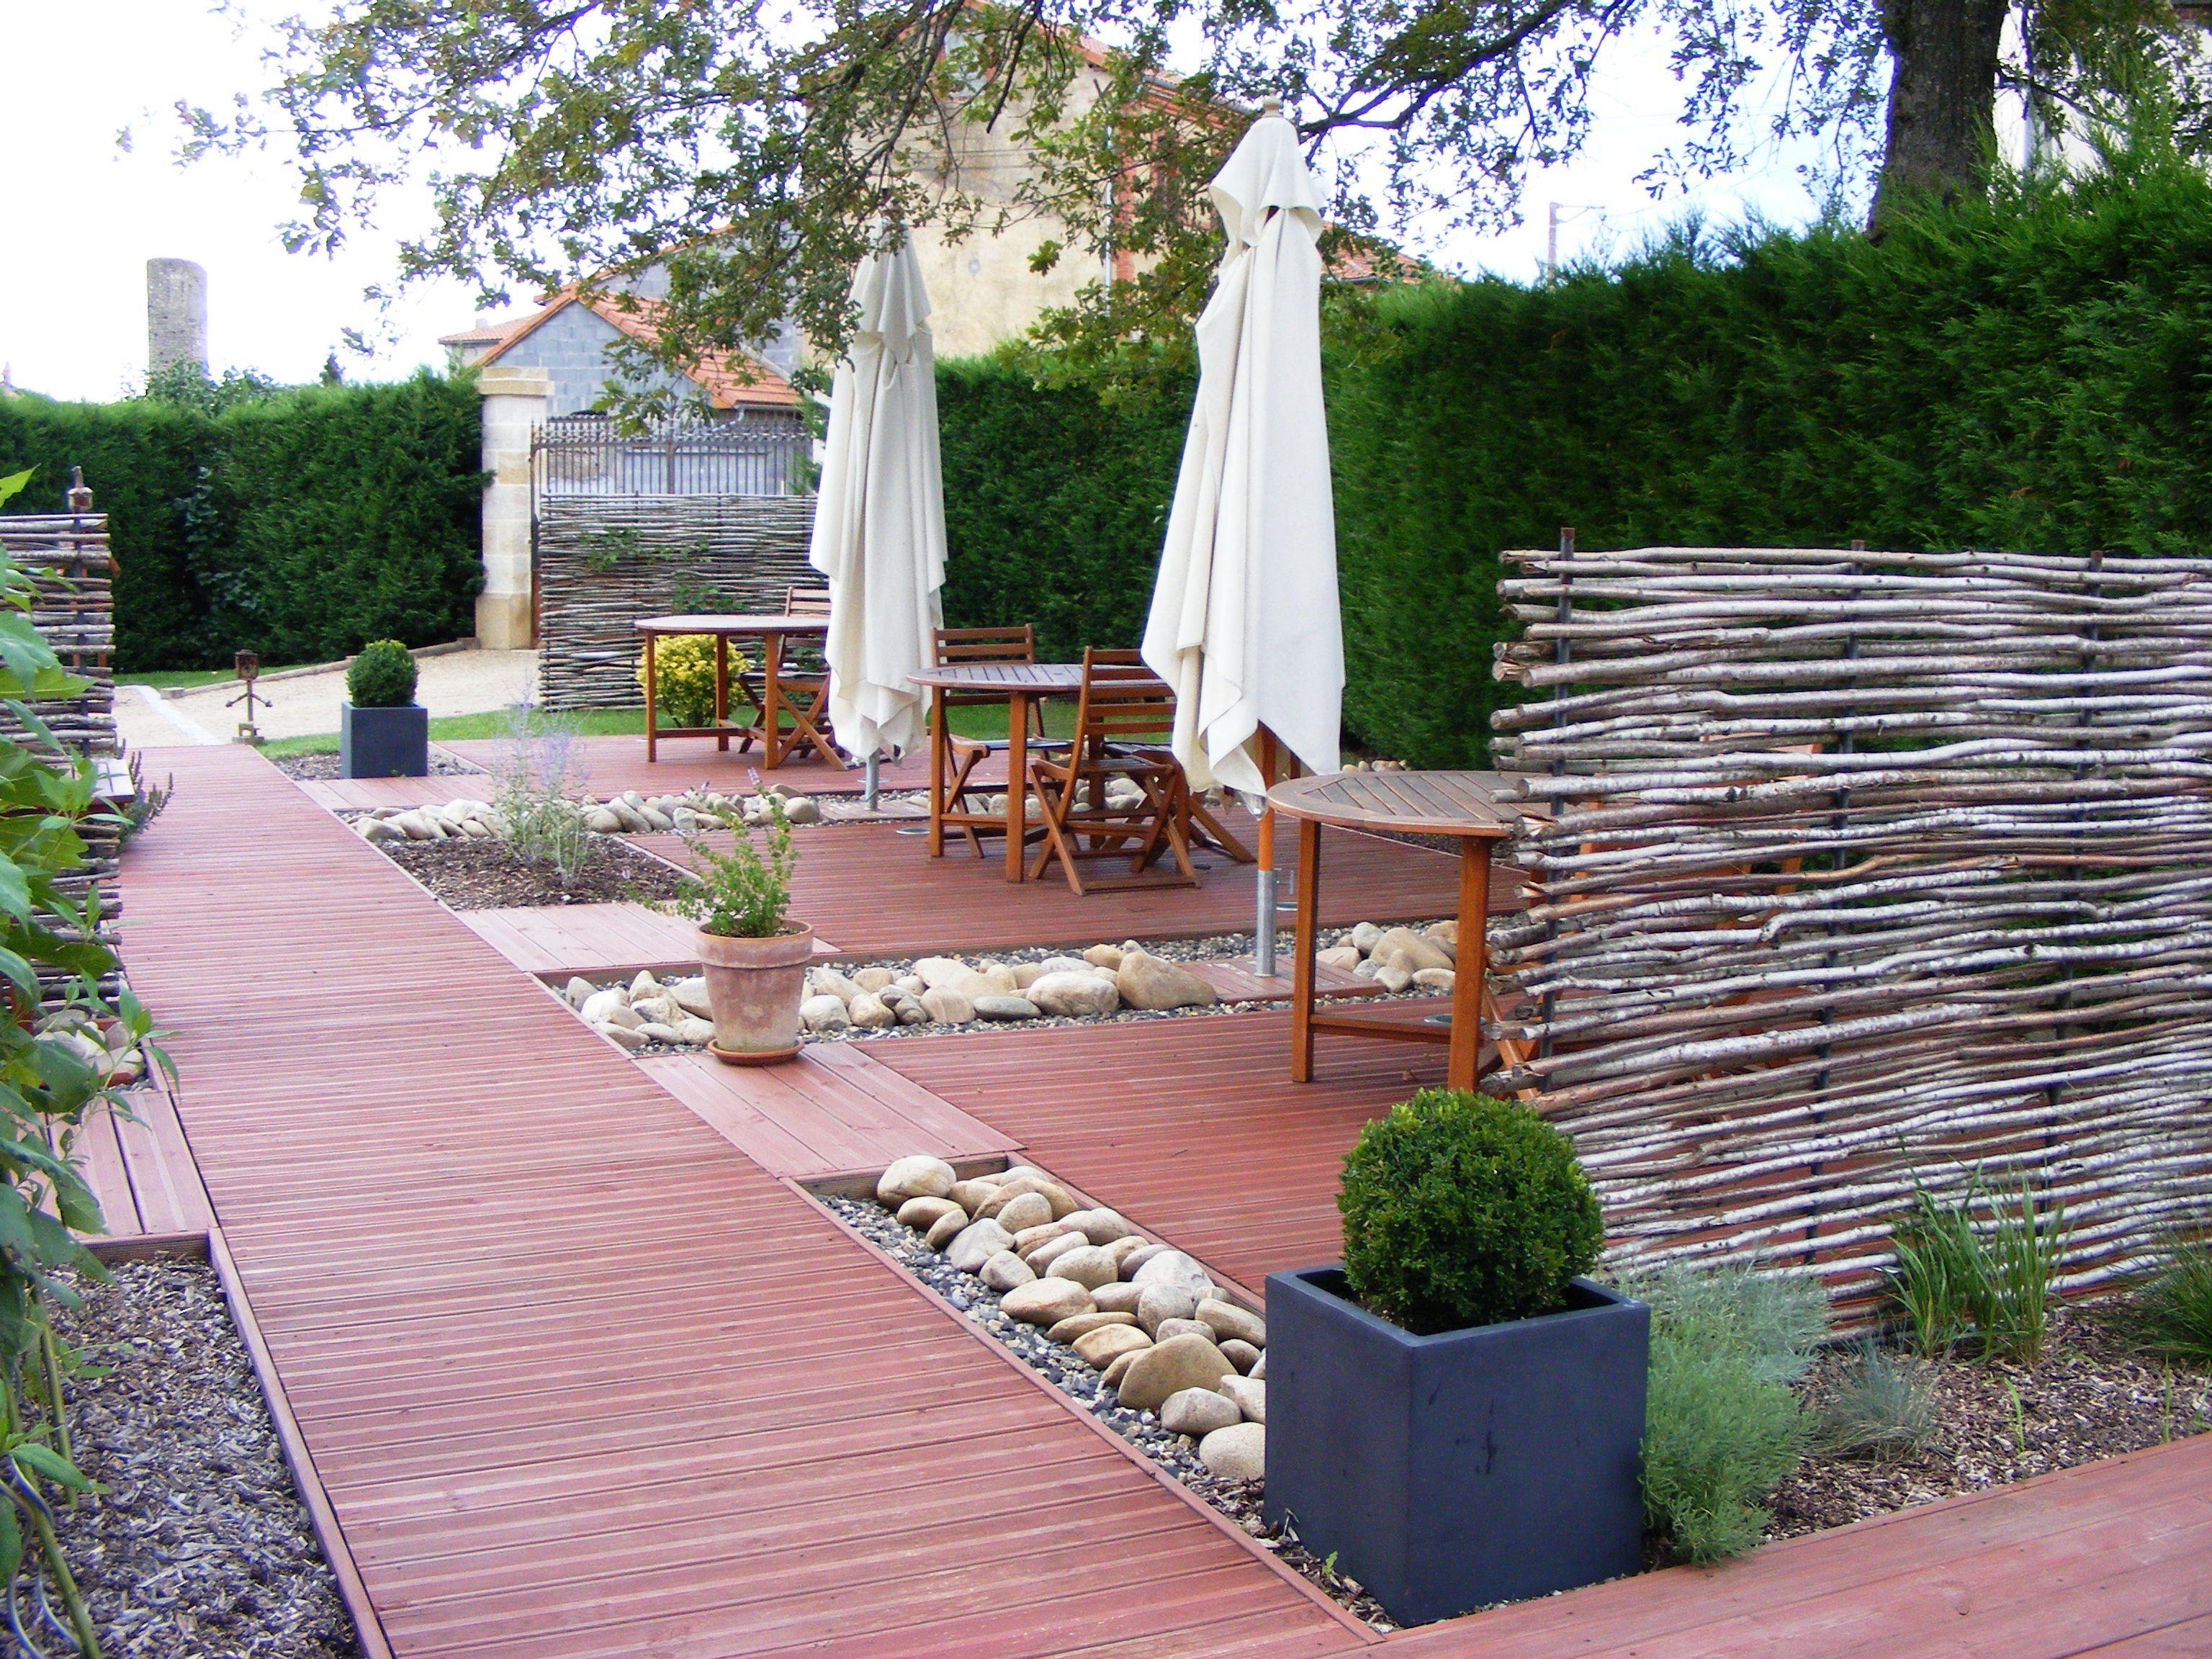 Amenagement D Une Terrasse #14: Quelles Plantes Pour Son Jardin Sec U2013 Idées Et Conseils Utiles | Erable Du  Japon, Gazon Et Beaux Jardins